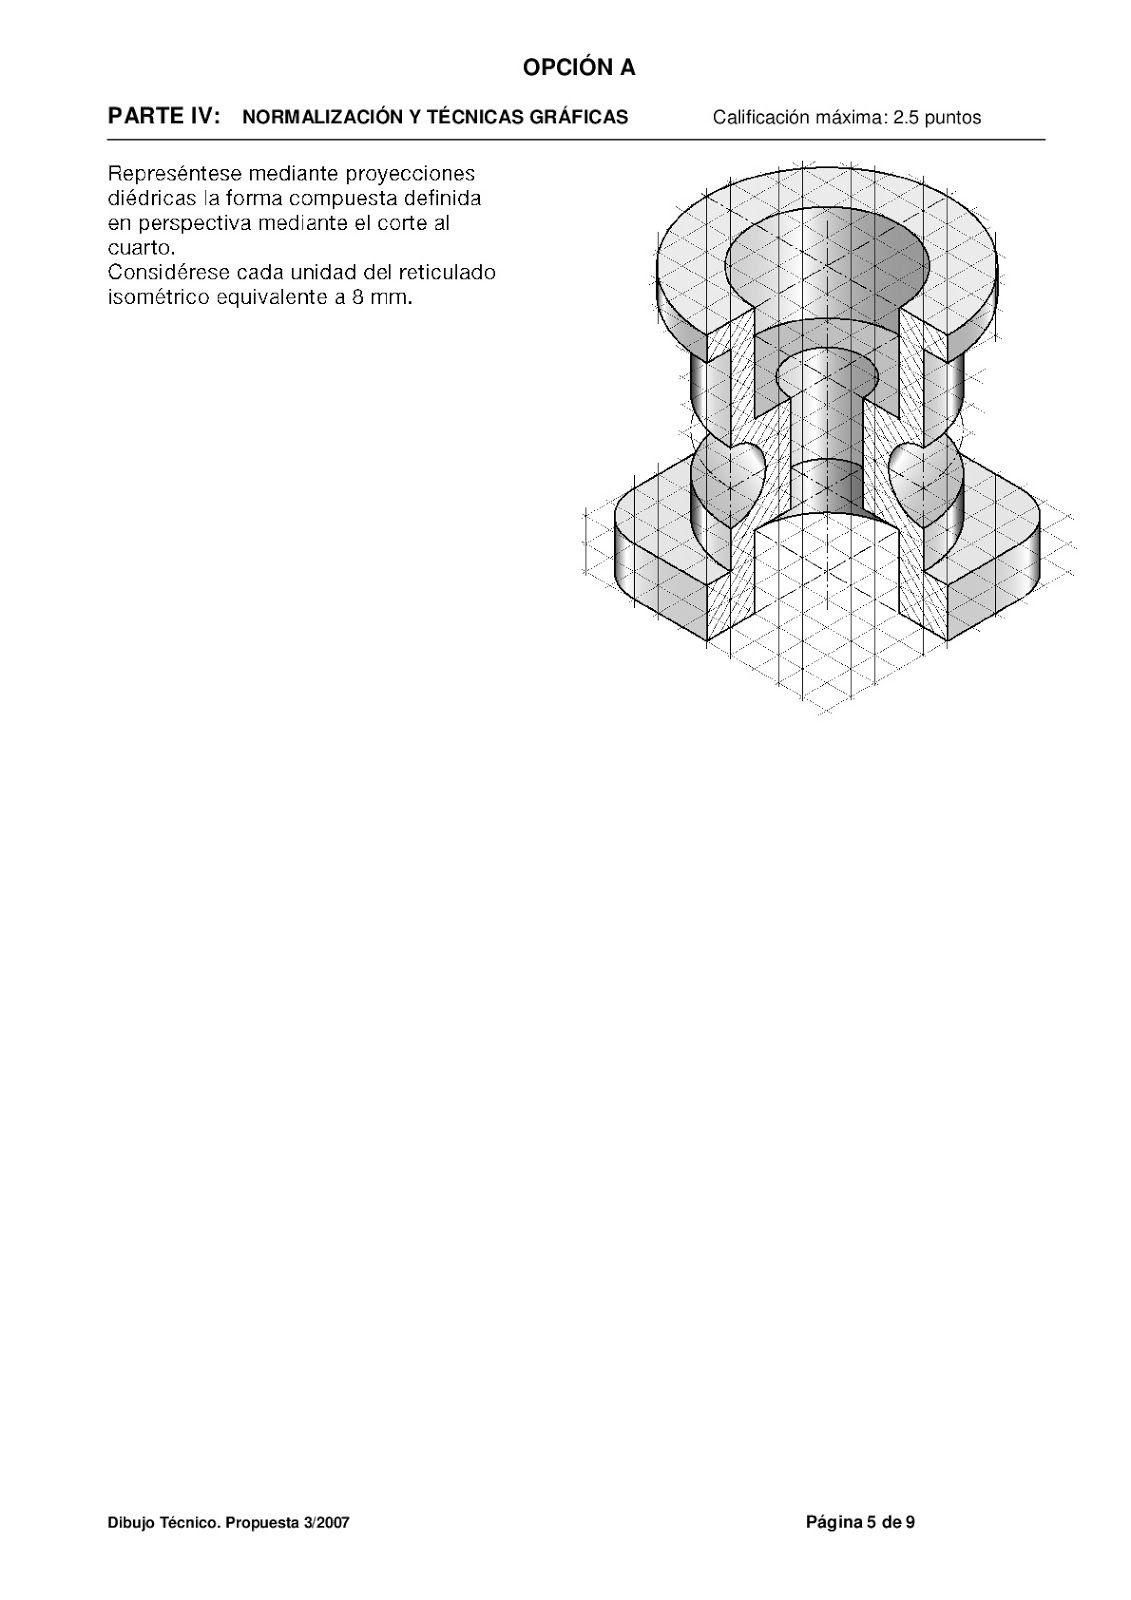 Examenes De Evaluacion Bachillerato Dibujo Tecnico Para El Acceso A La Universidad Ebau 2018 Convocatorias Ju Dibujo Tecnico Ejercicios Bachillerato Examen